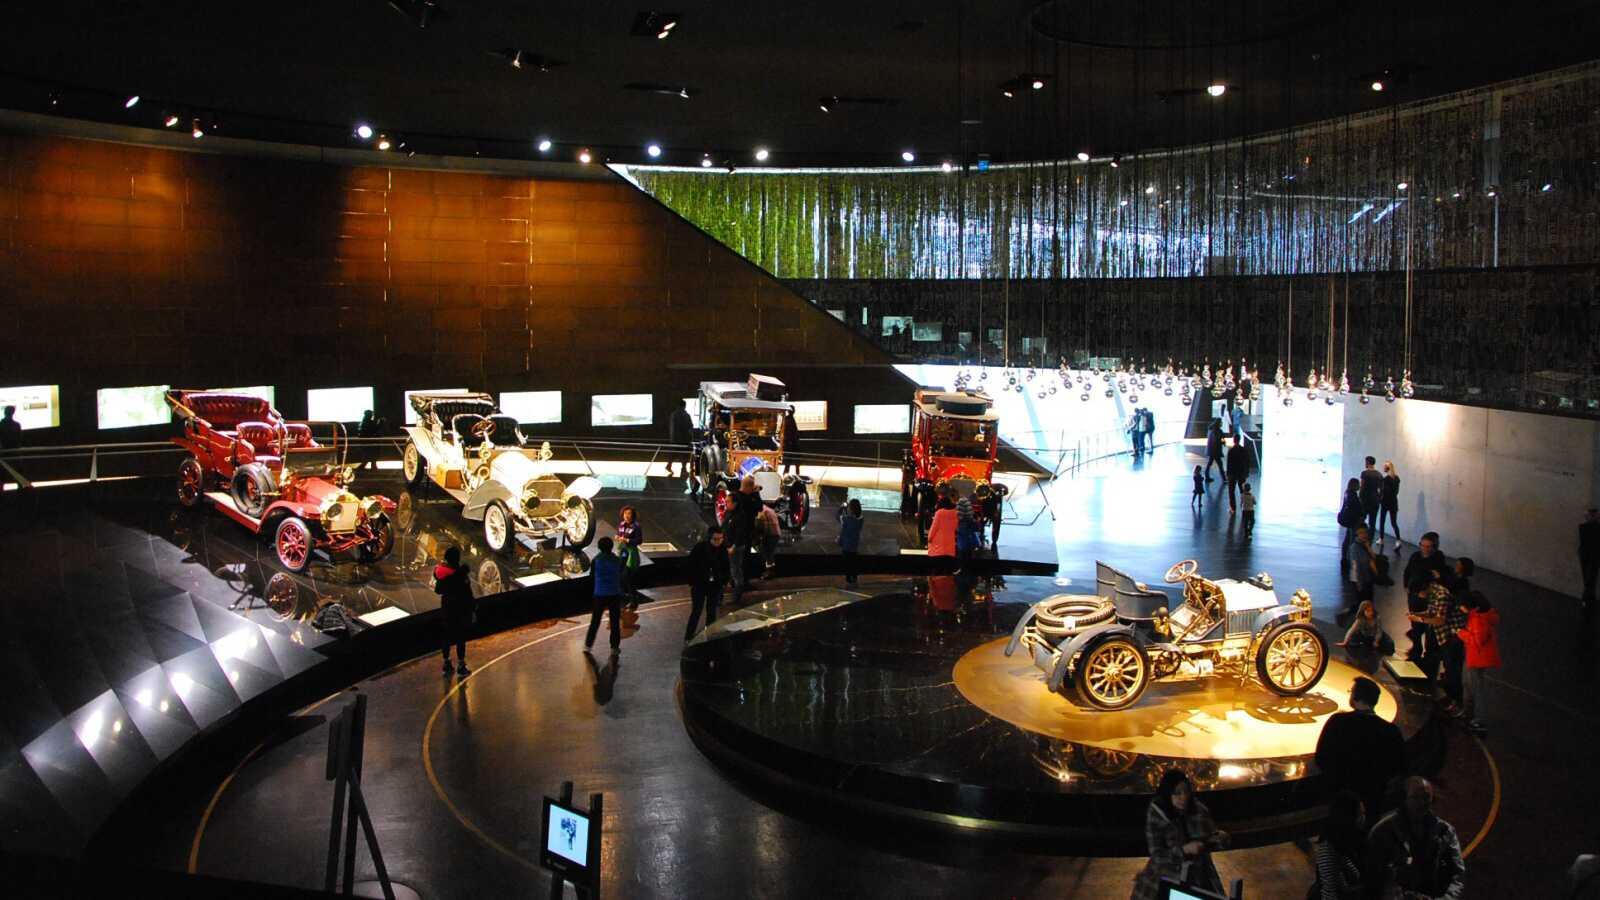 Pohled na nejstarší vozy mrcedes-benz v budově muzea